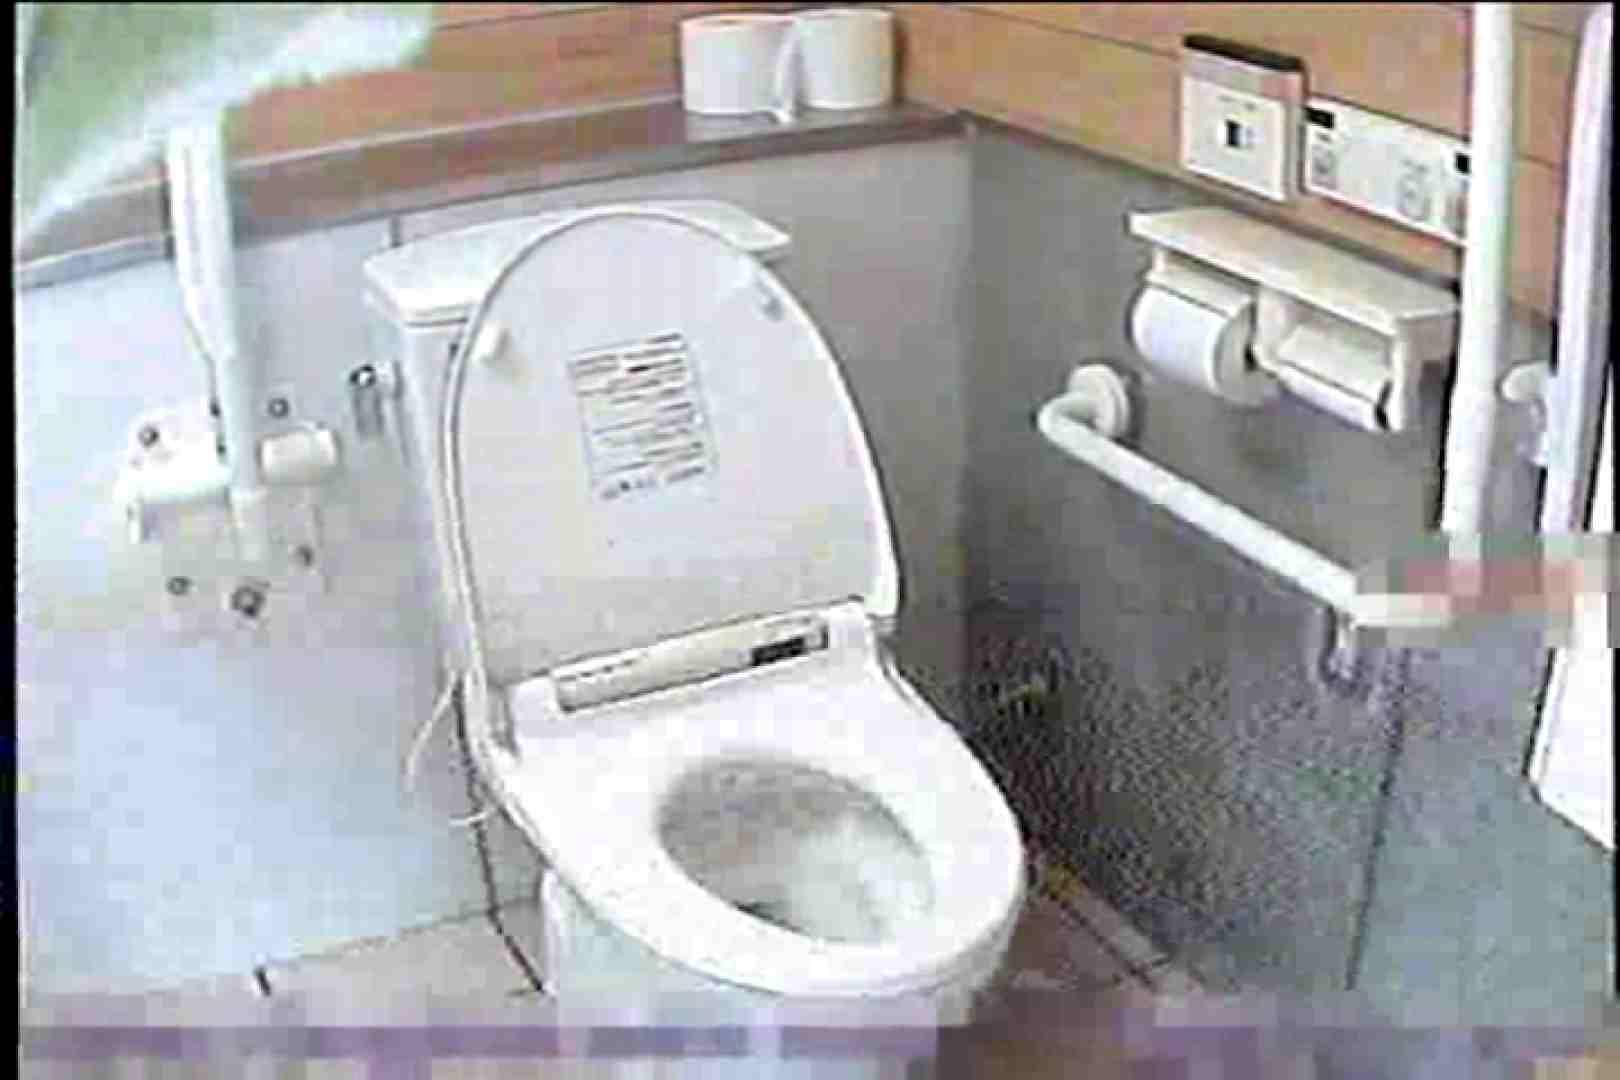 2点盗撮洗面所潜入レポートVol.7 洋式固定カメラ編 カップル おまんこ動画流出 91pic 17